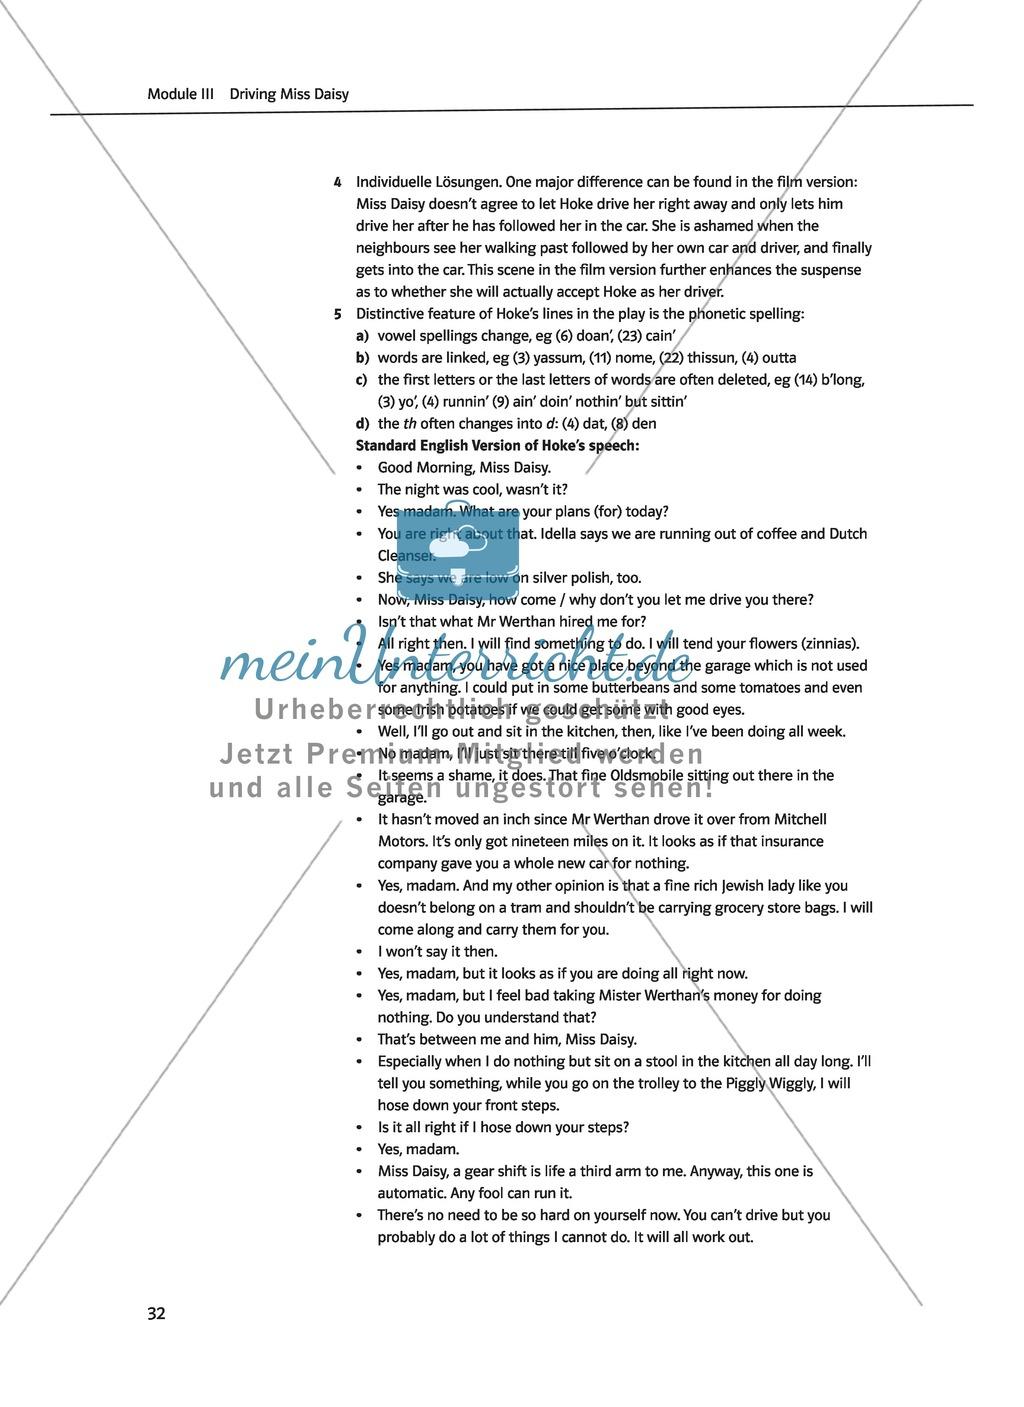 Driving Miss Daisy: Lernziele + Inhalt + Arbeitsblätter + Klausur + Lösungen Preview 14